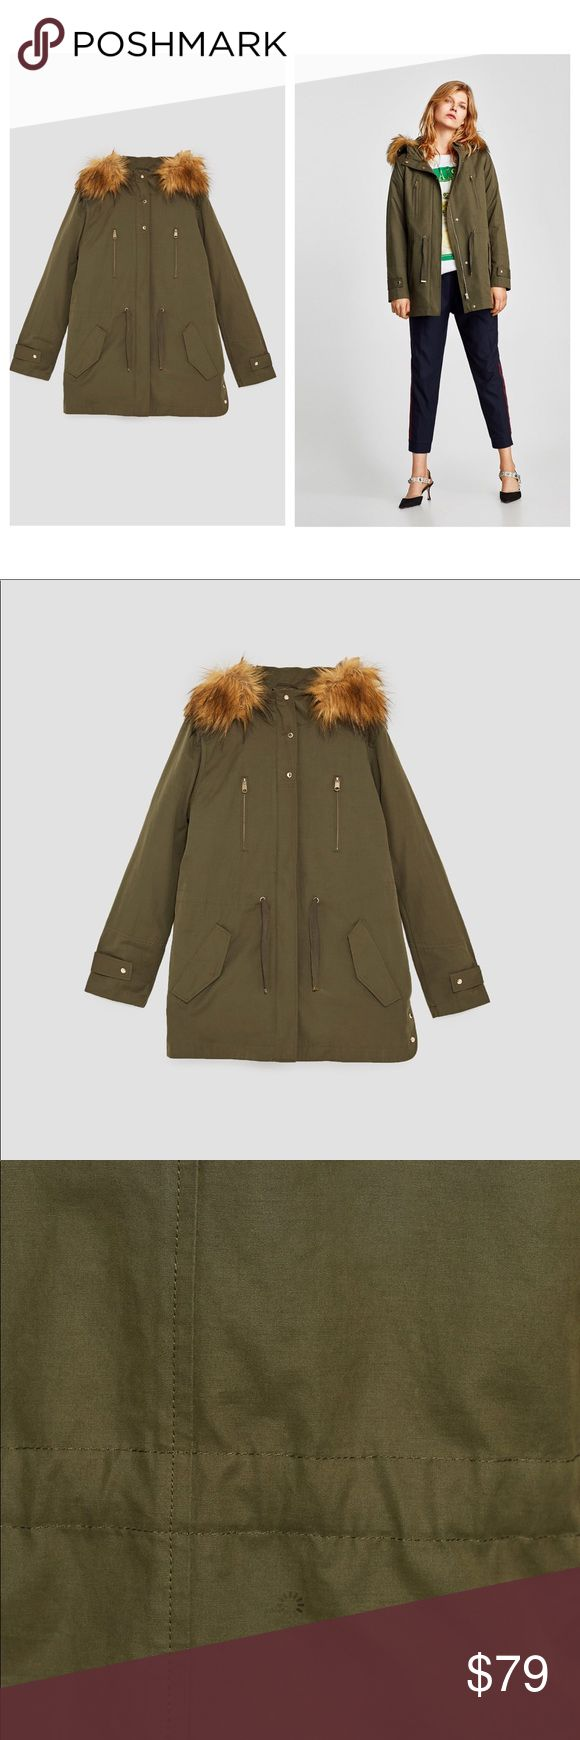 ZARA PARKA WITH TEXTURED HOOD ZARA PARKA WITH TEXTURED HOOD   New with tags Zara Jackets & Coats Utility Jackets